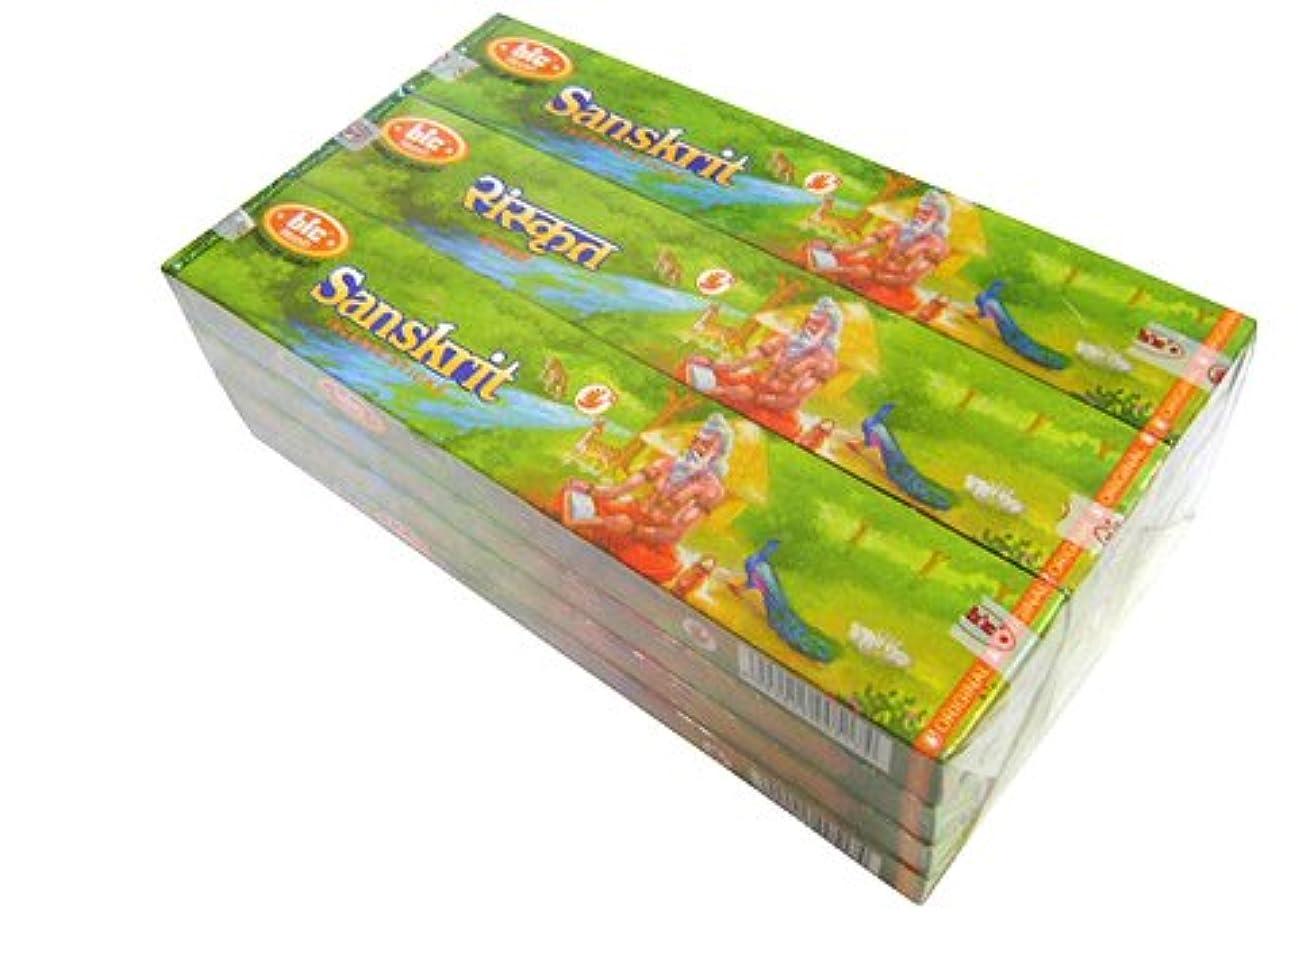 軸他にサラダBIC(ビック) サンスクリット香(レギュラーボックス) スティック SANSKRIT REG BOX 12箱セット